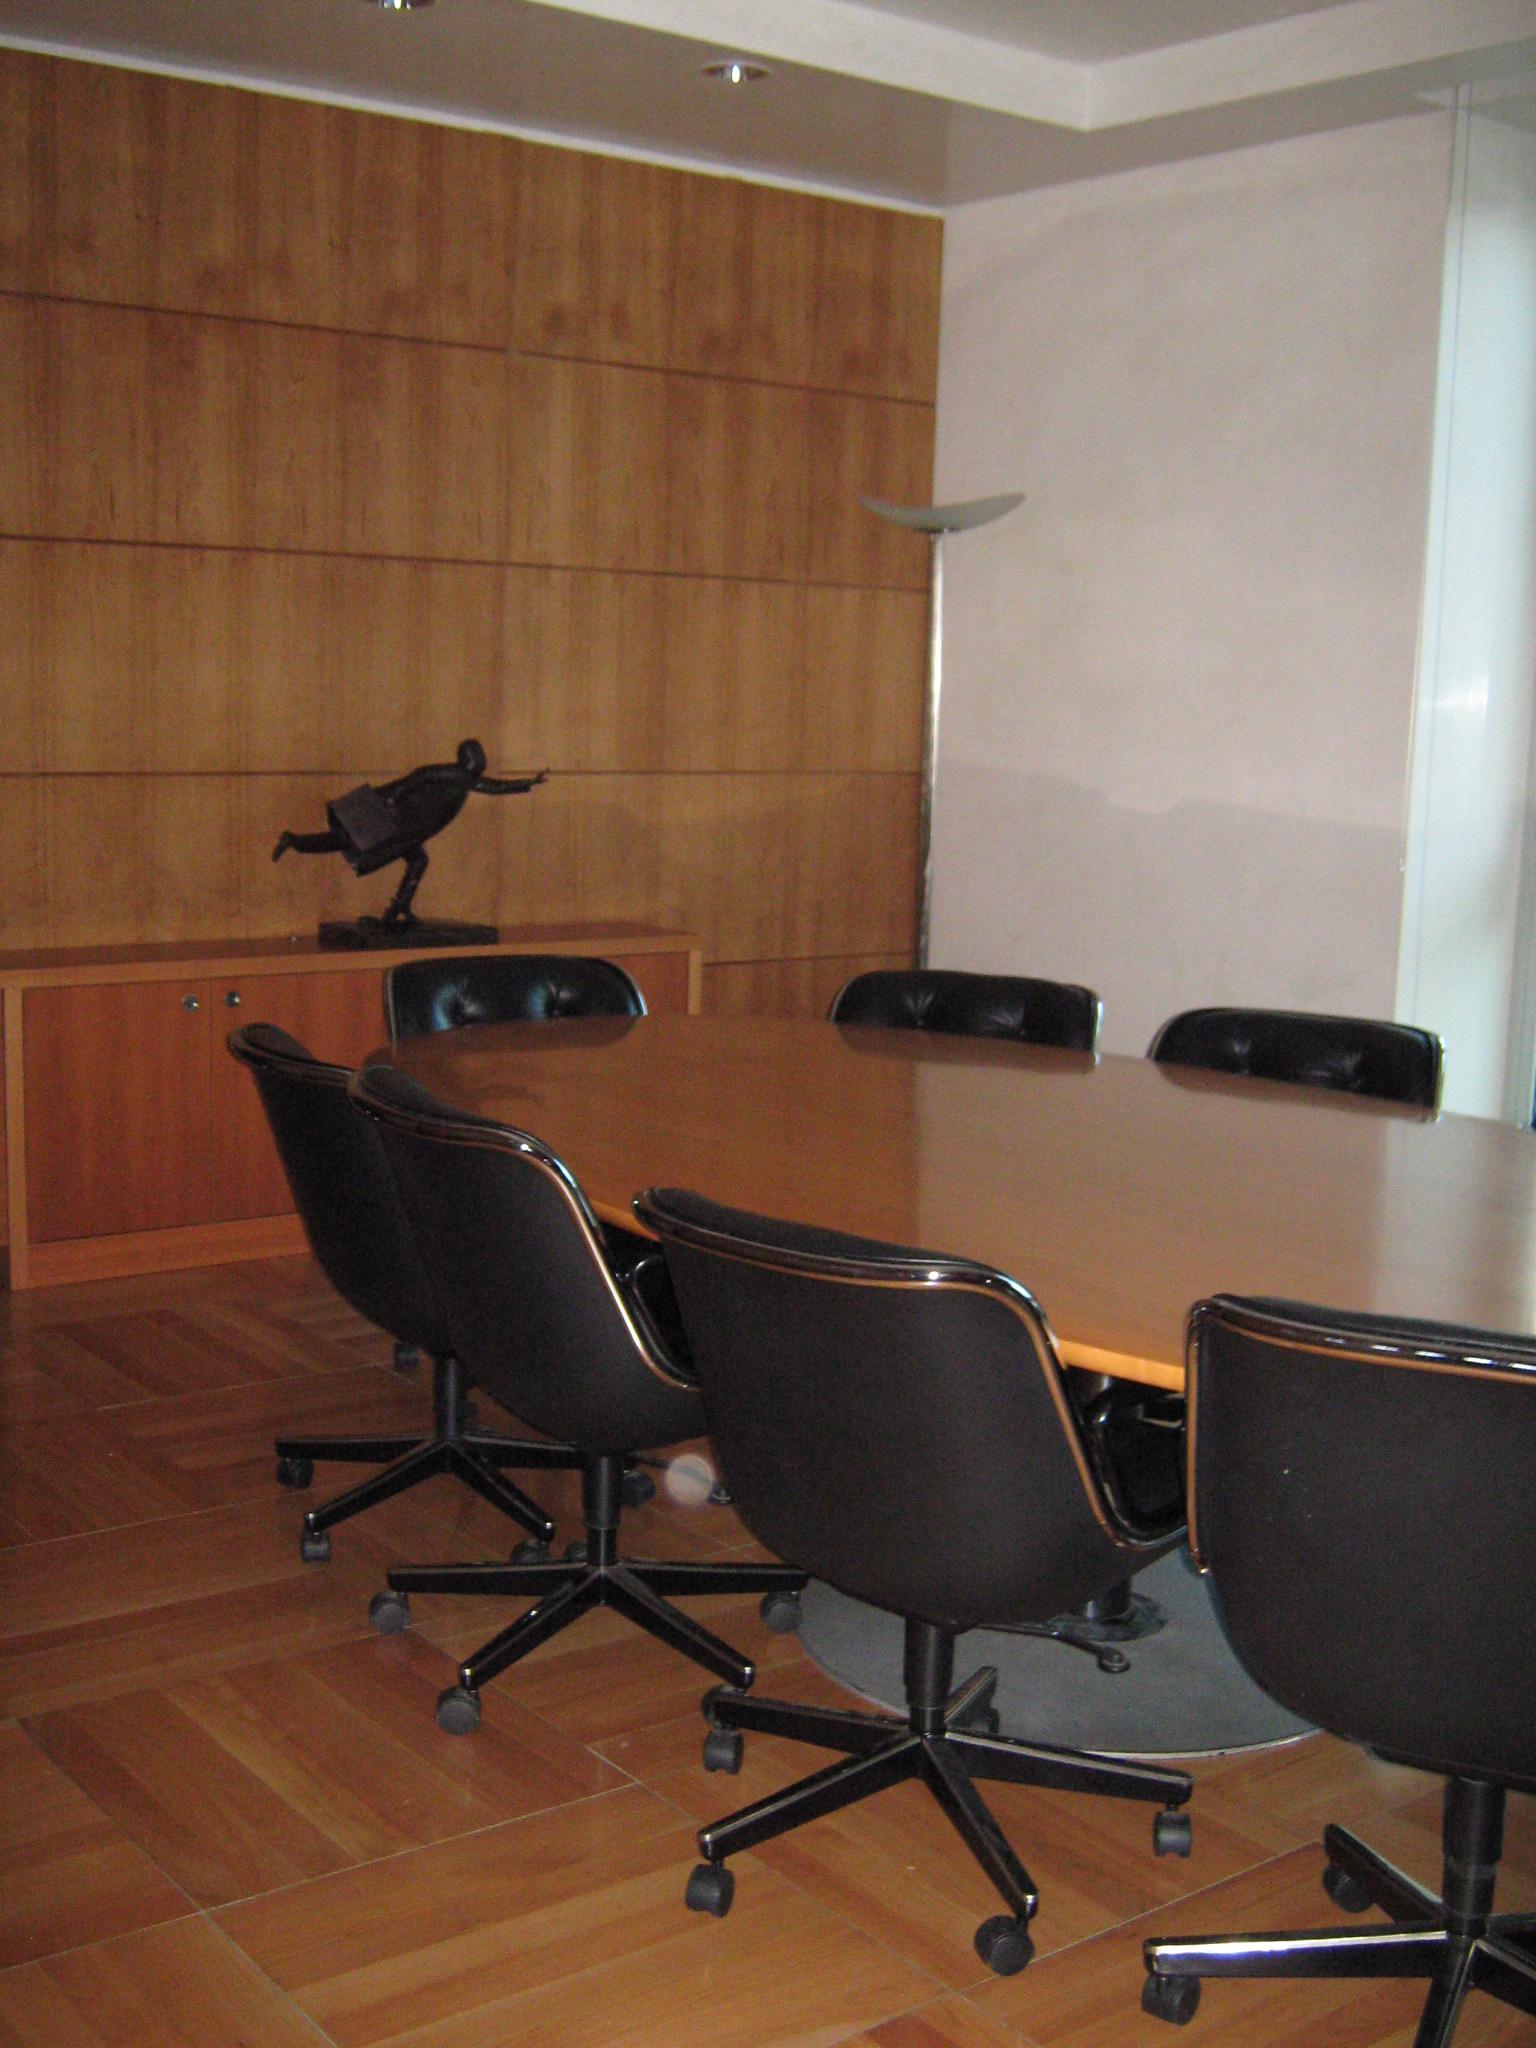 16. Trattamento superficiale dei pavimenti in parquet e tinteggiature pareti del locale sala riunioni: lavori ultimati.